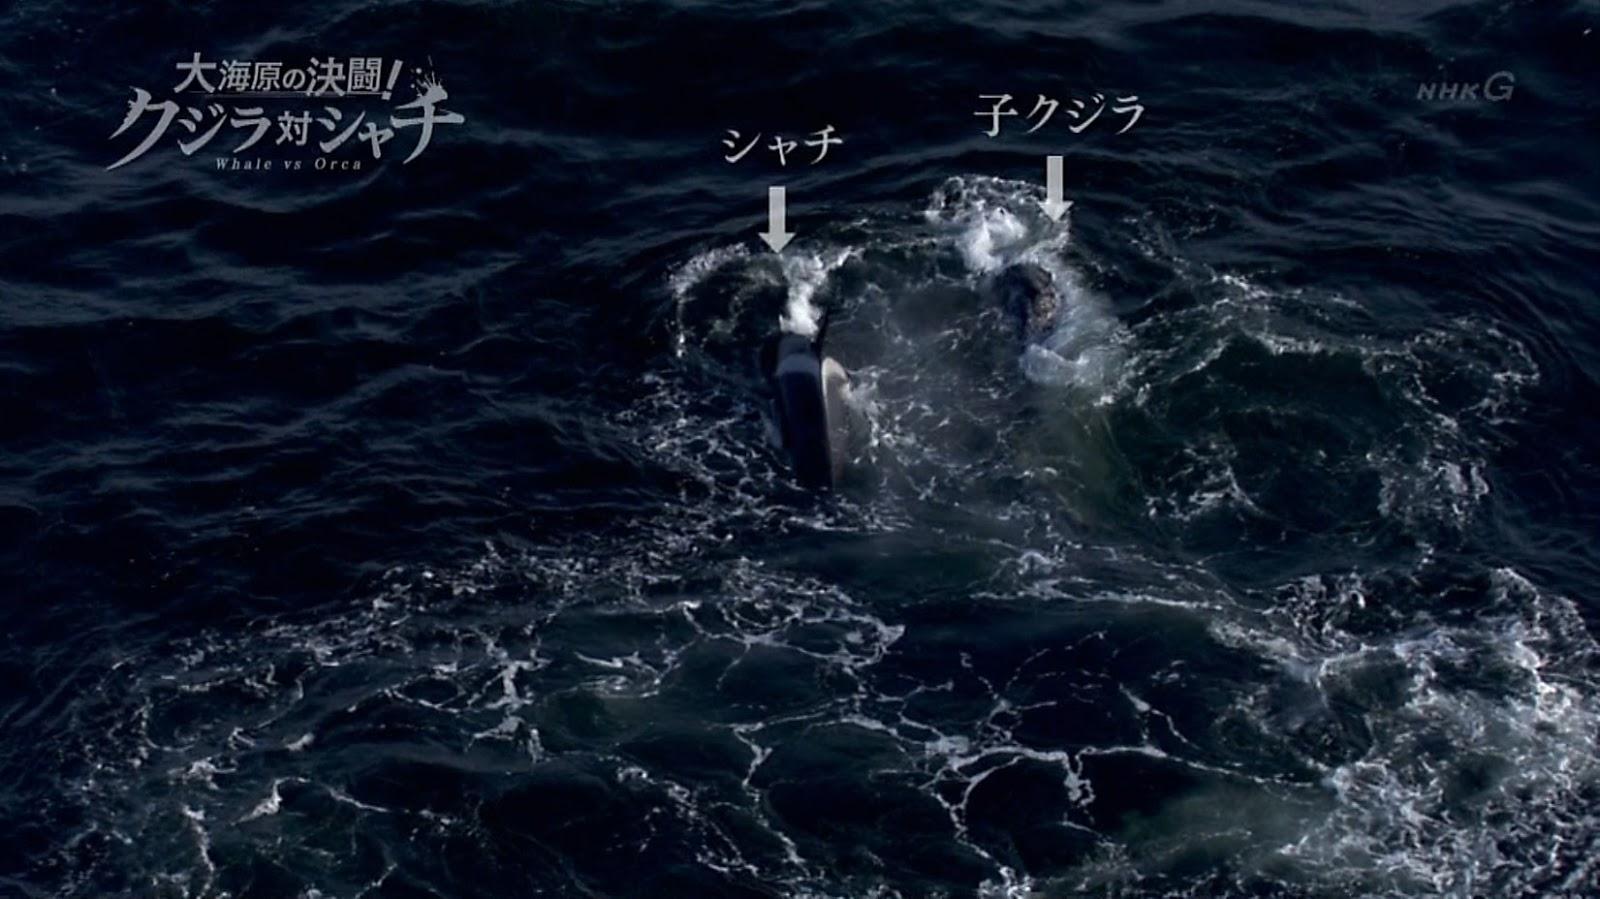 ③運動音痴コククジラ母子vsシャチ5,6頭 もう見るに耐えないまたまた理不尽ハンデキャップマッチ